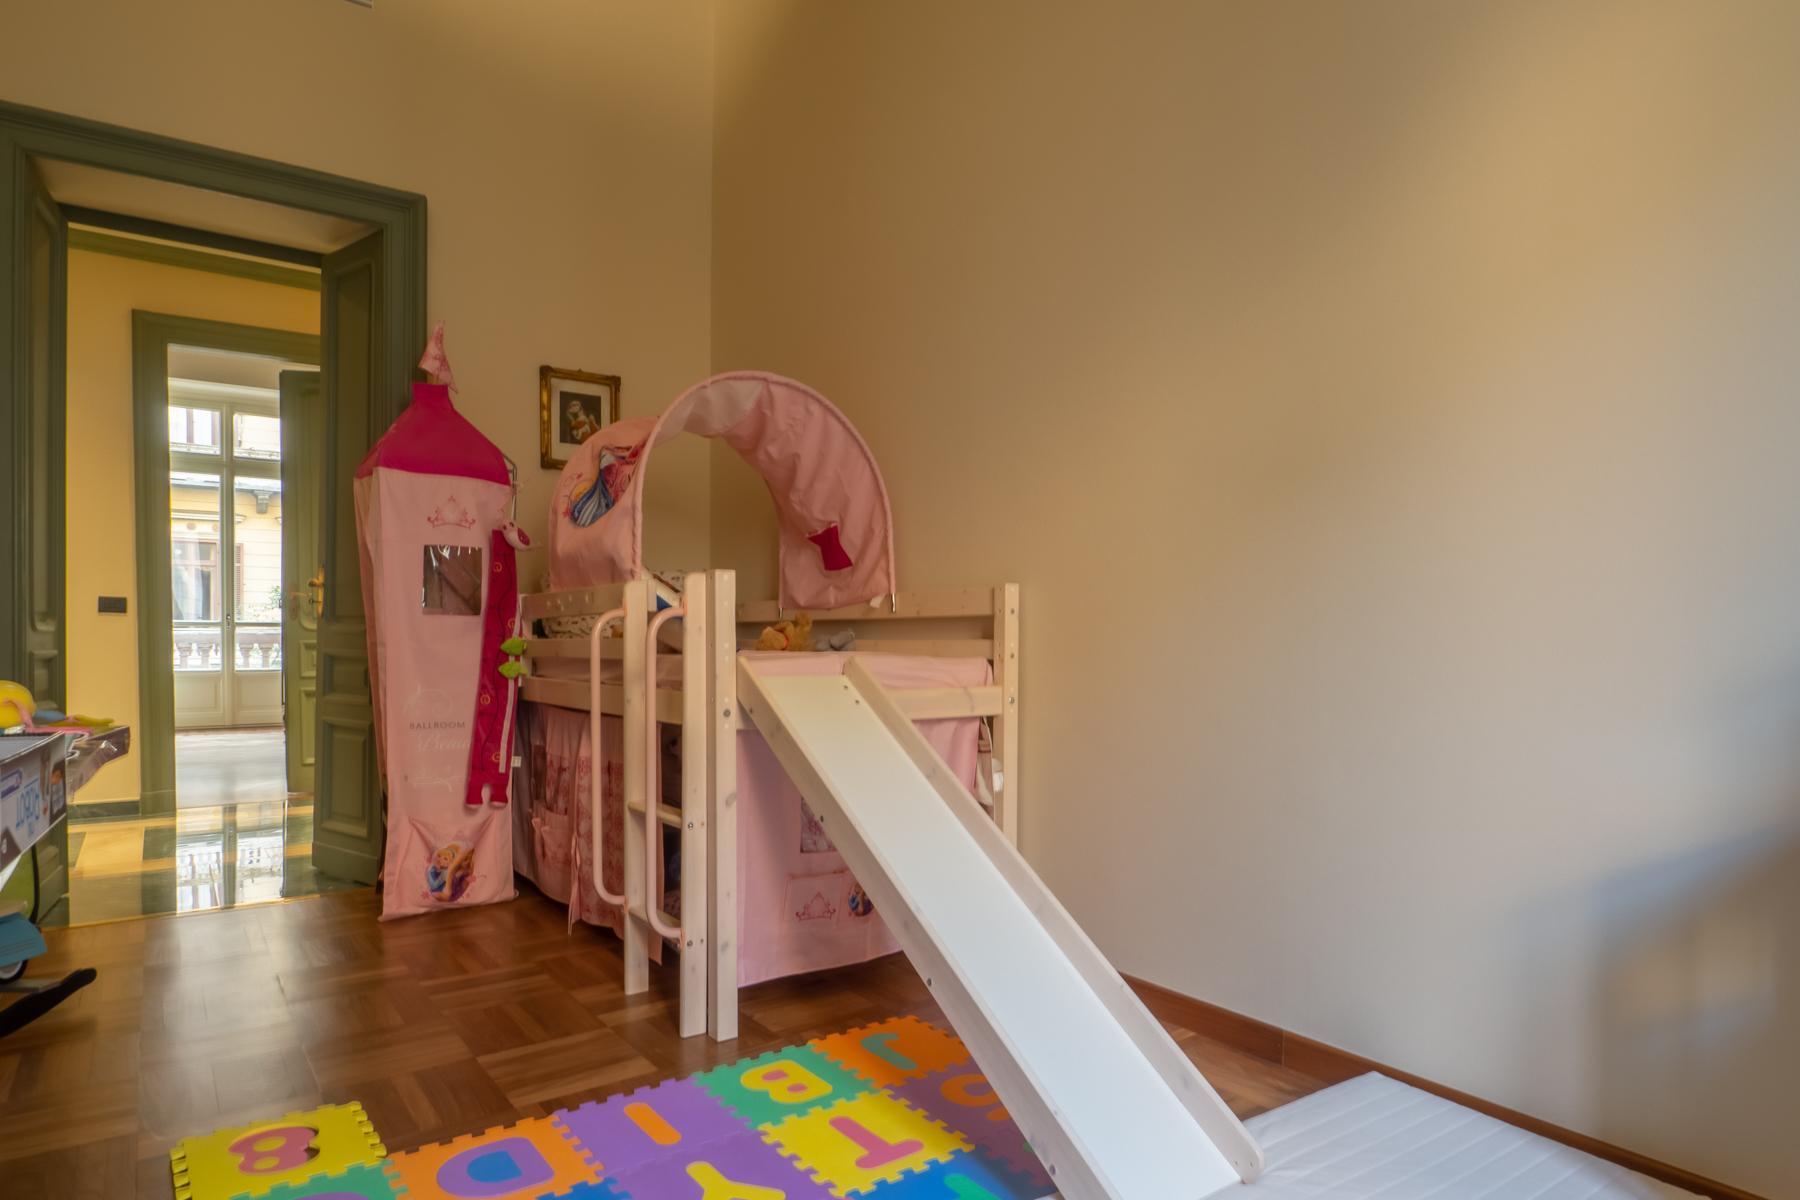 Exquisite apartment tastefully renovated - 14